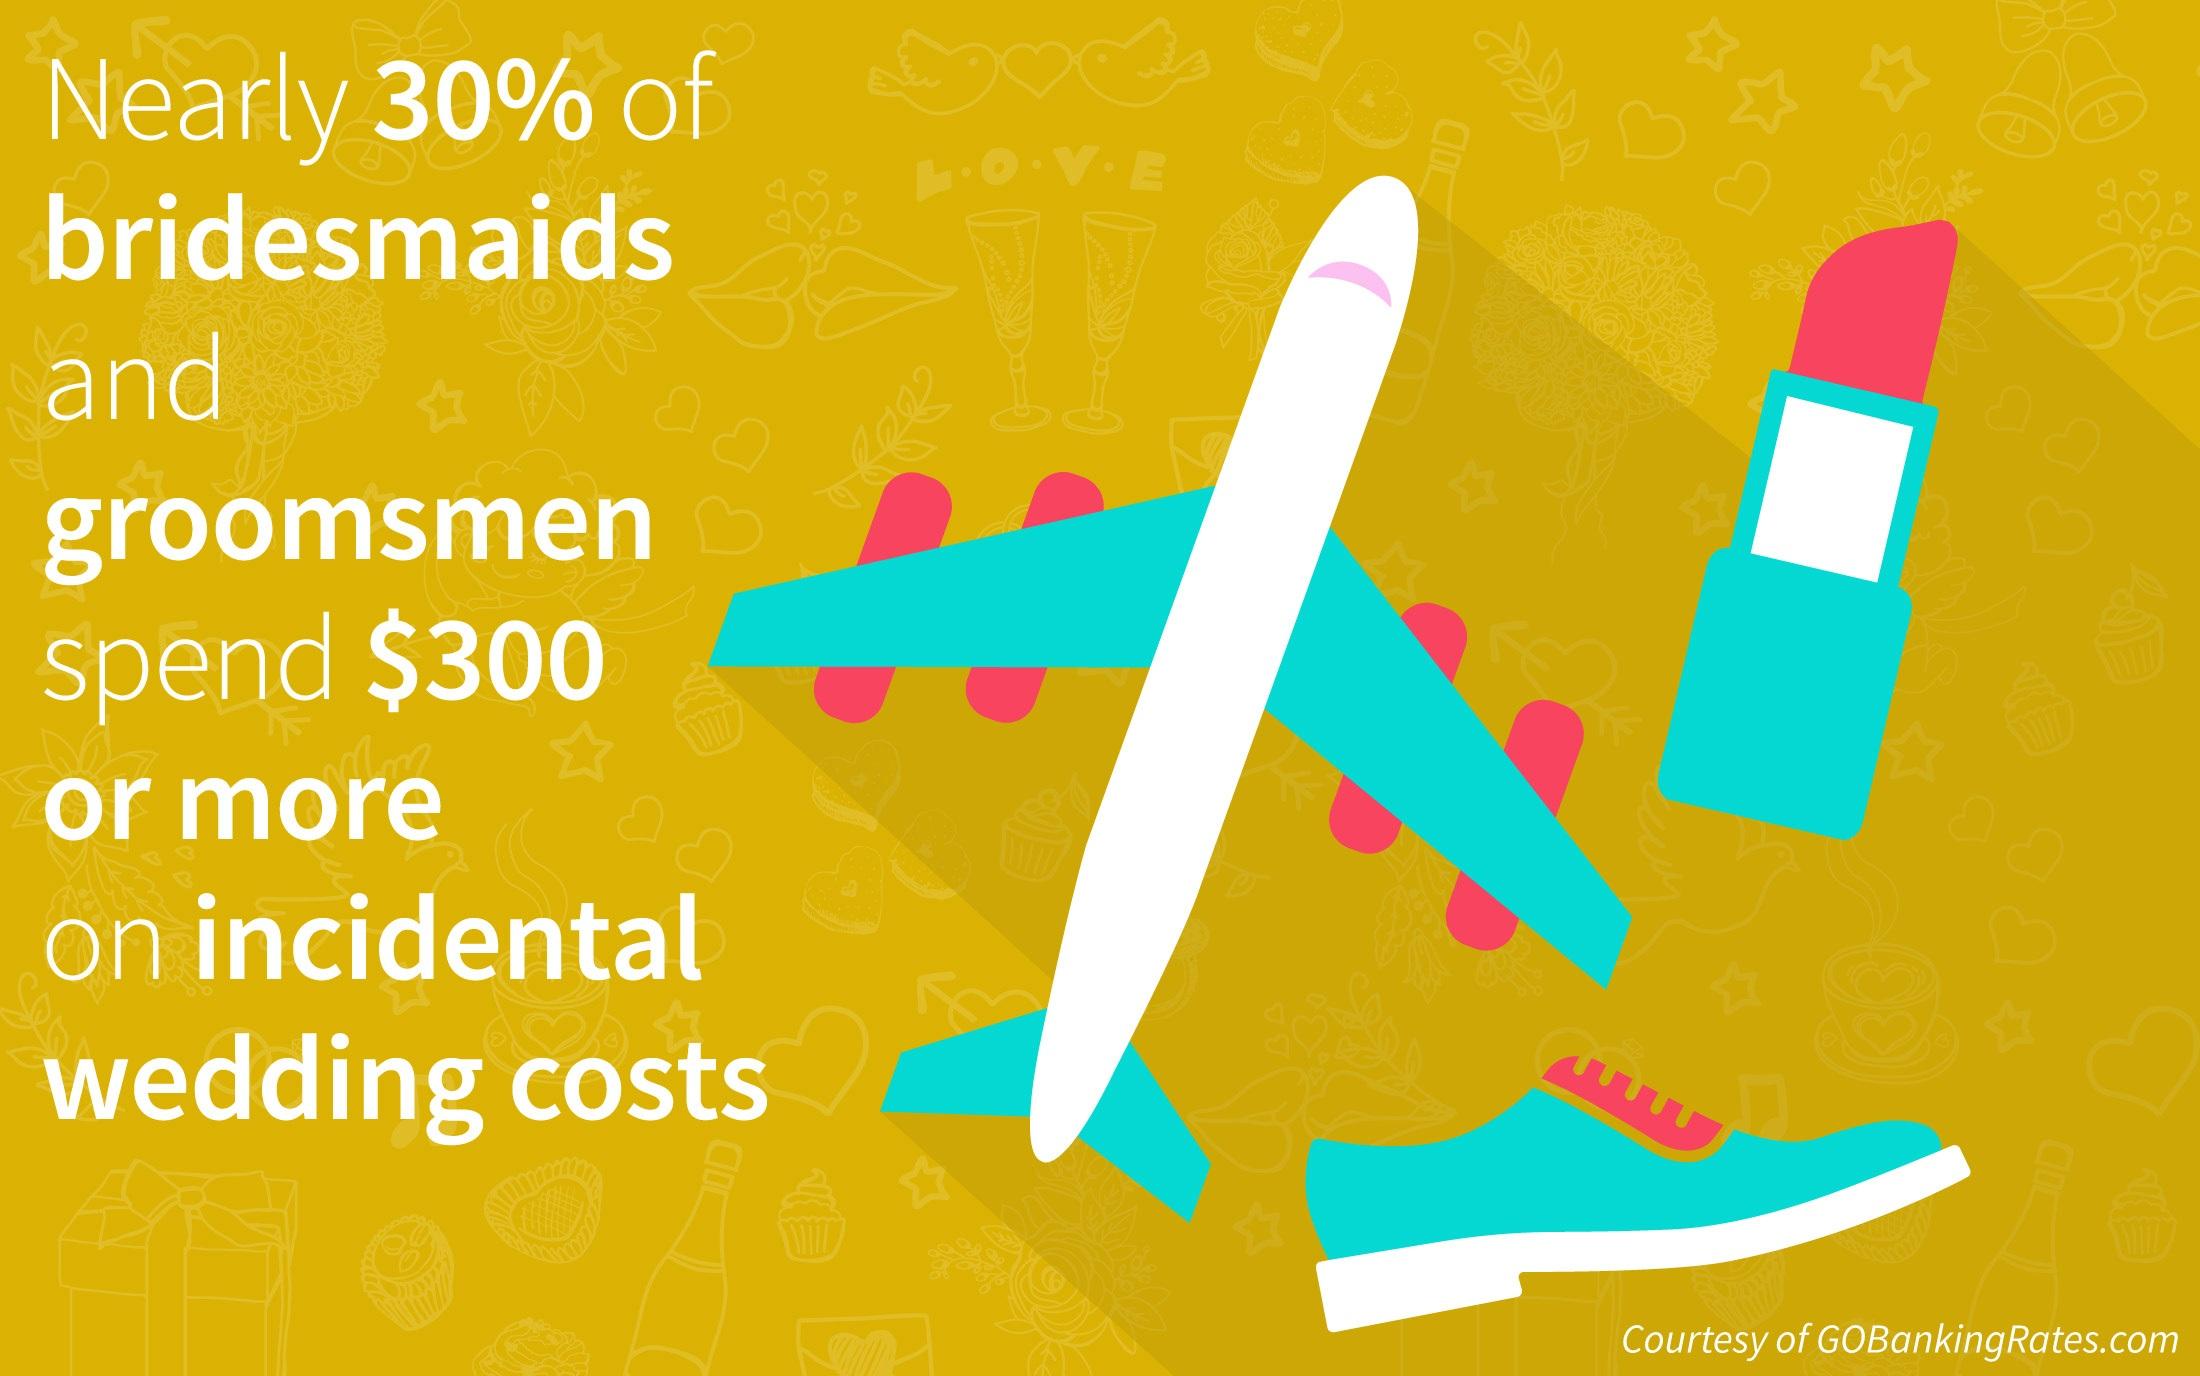 Groomsmen Actually Pay More Than Bridesmaids for Wedding